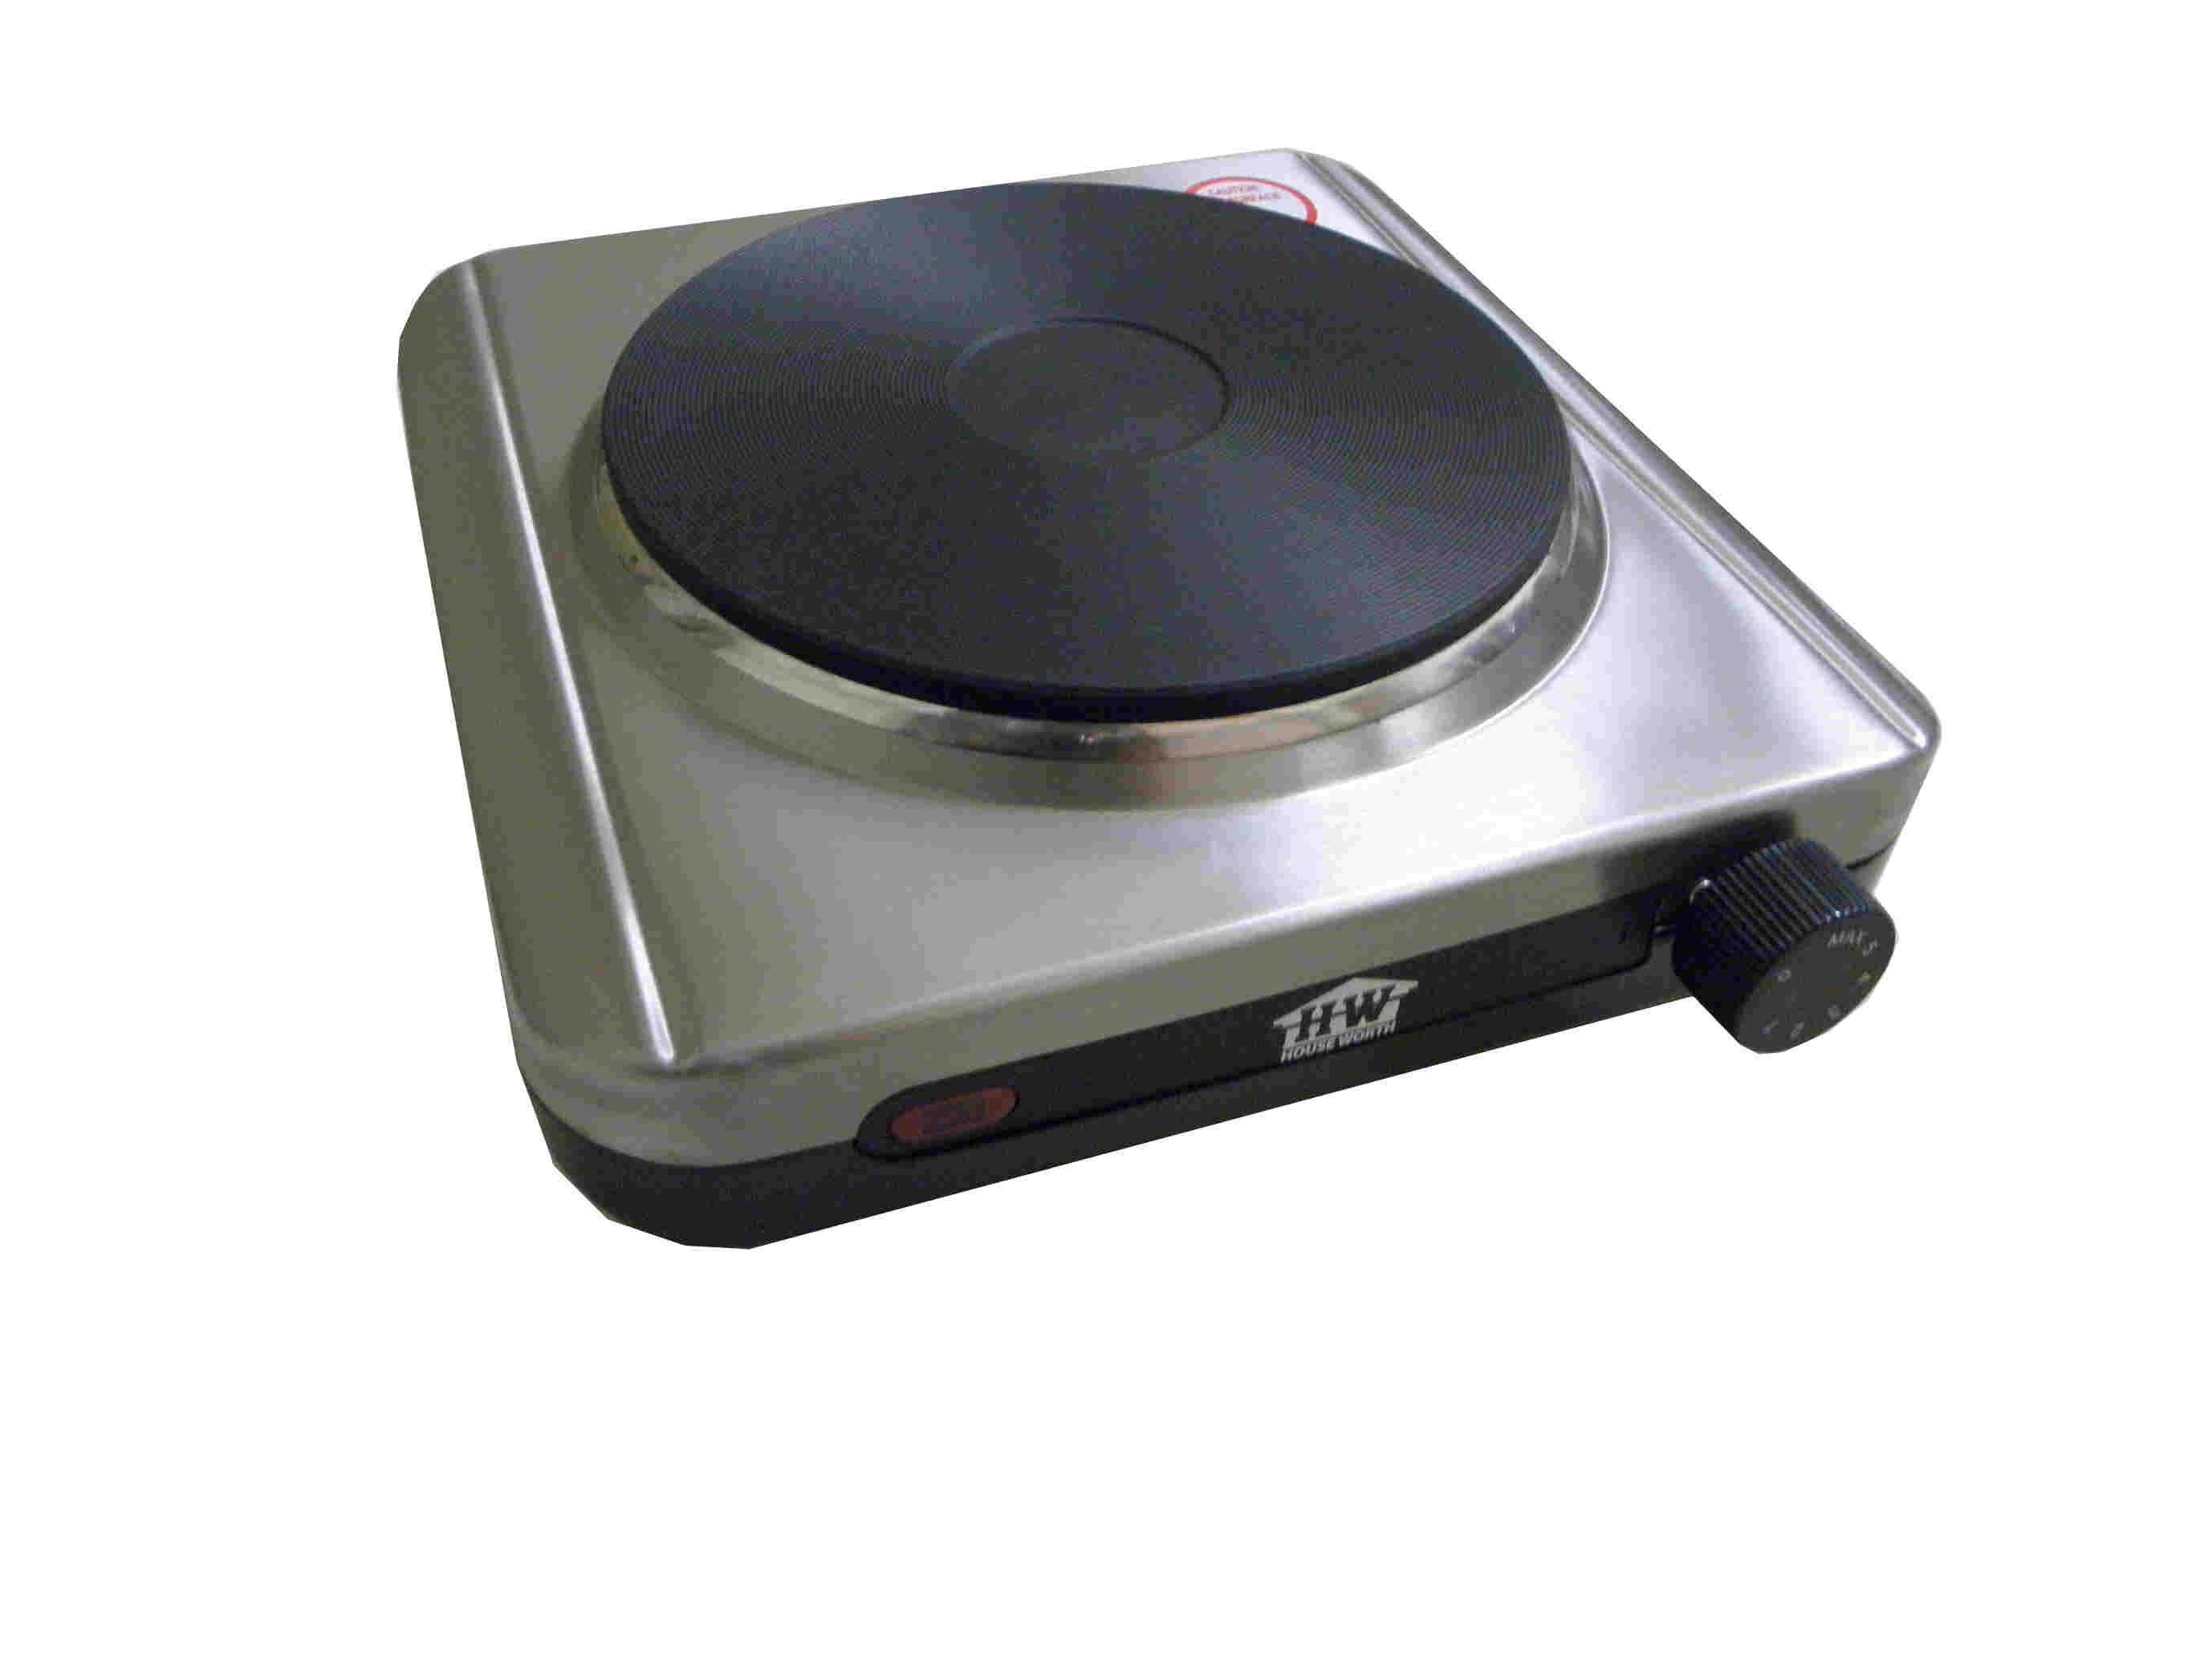 เครื่องให้ความร้อน  Hot plate  เตาความร้อน เพลทความร้อน รุ่น HP01